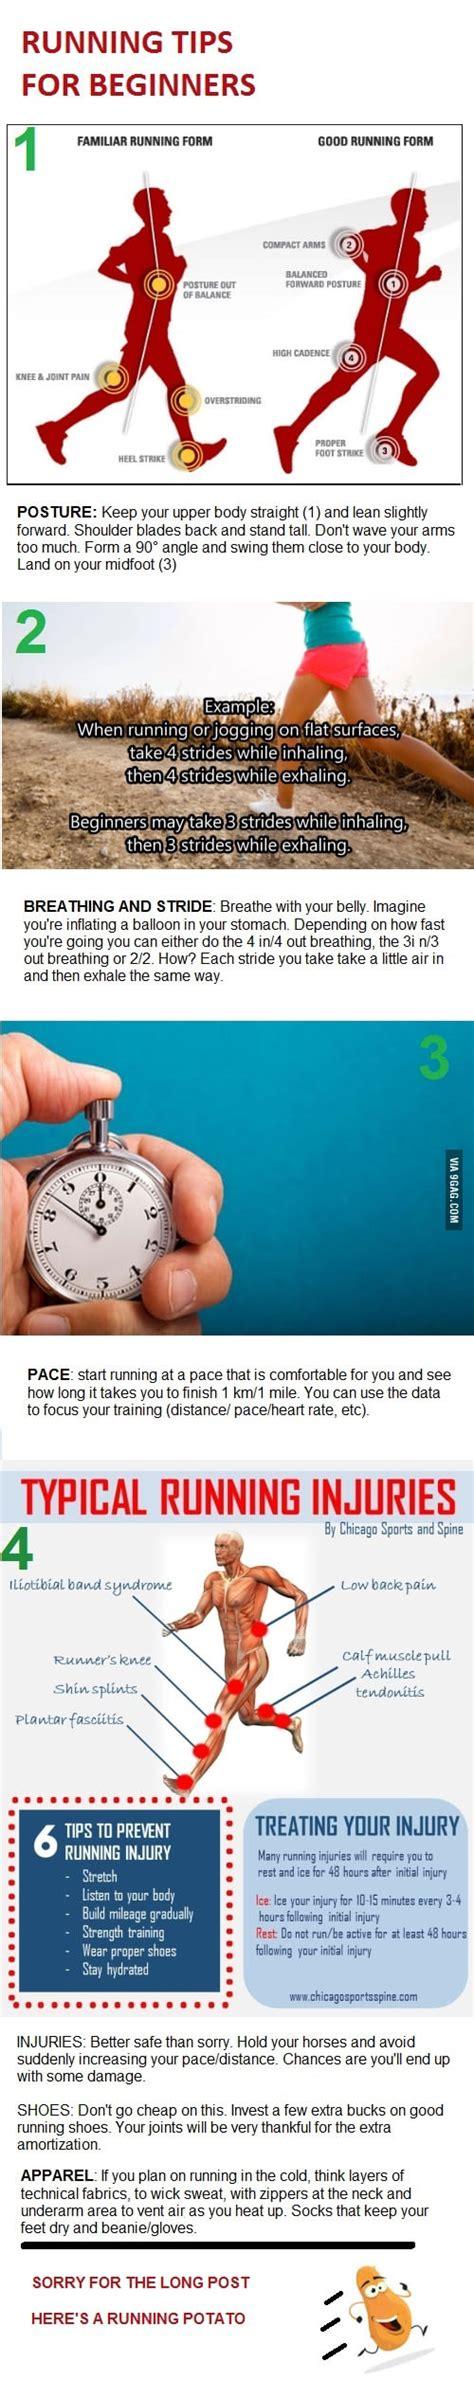 Four basic running tips for beginners. | Running tips